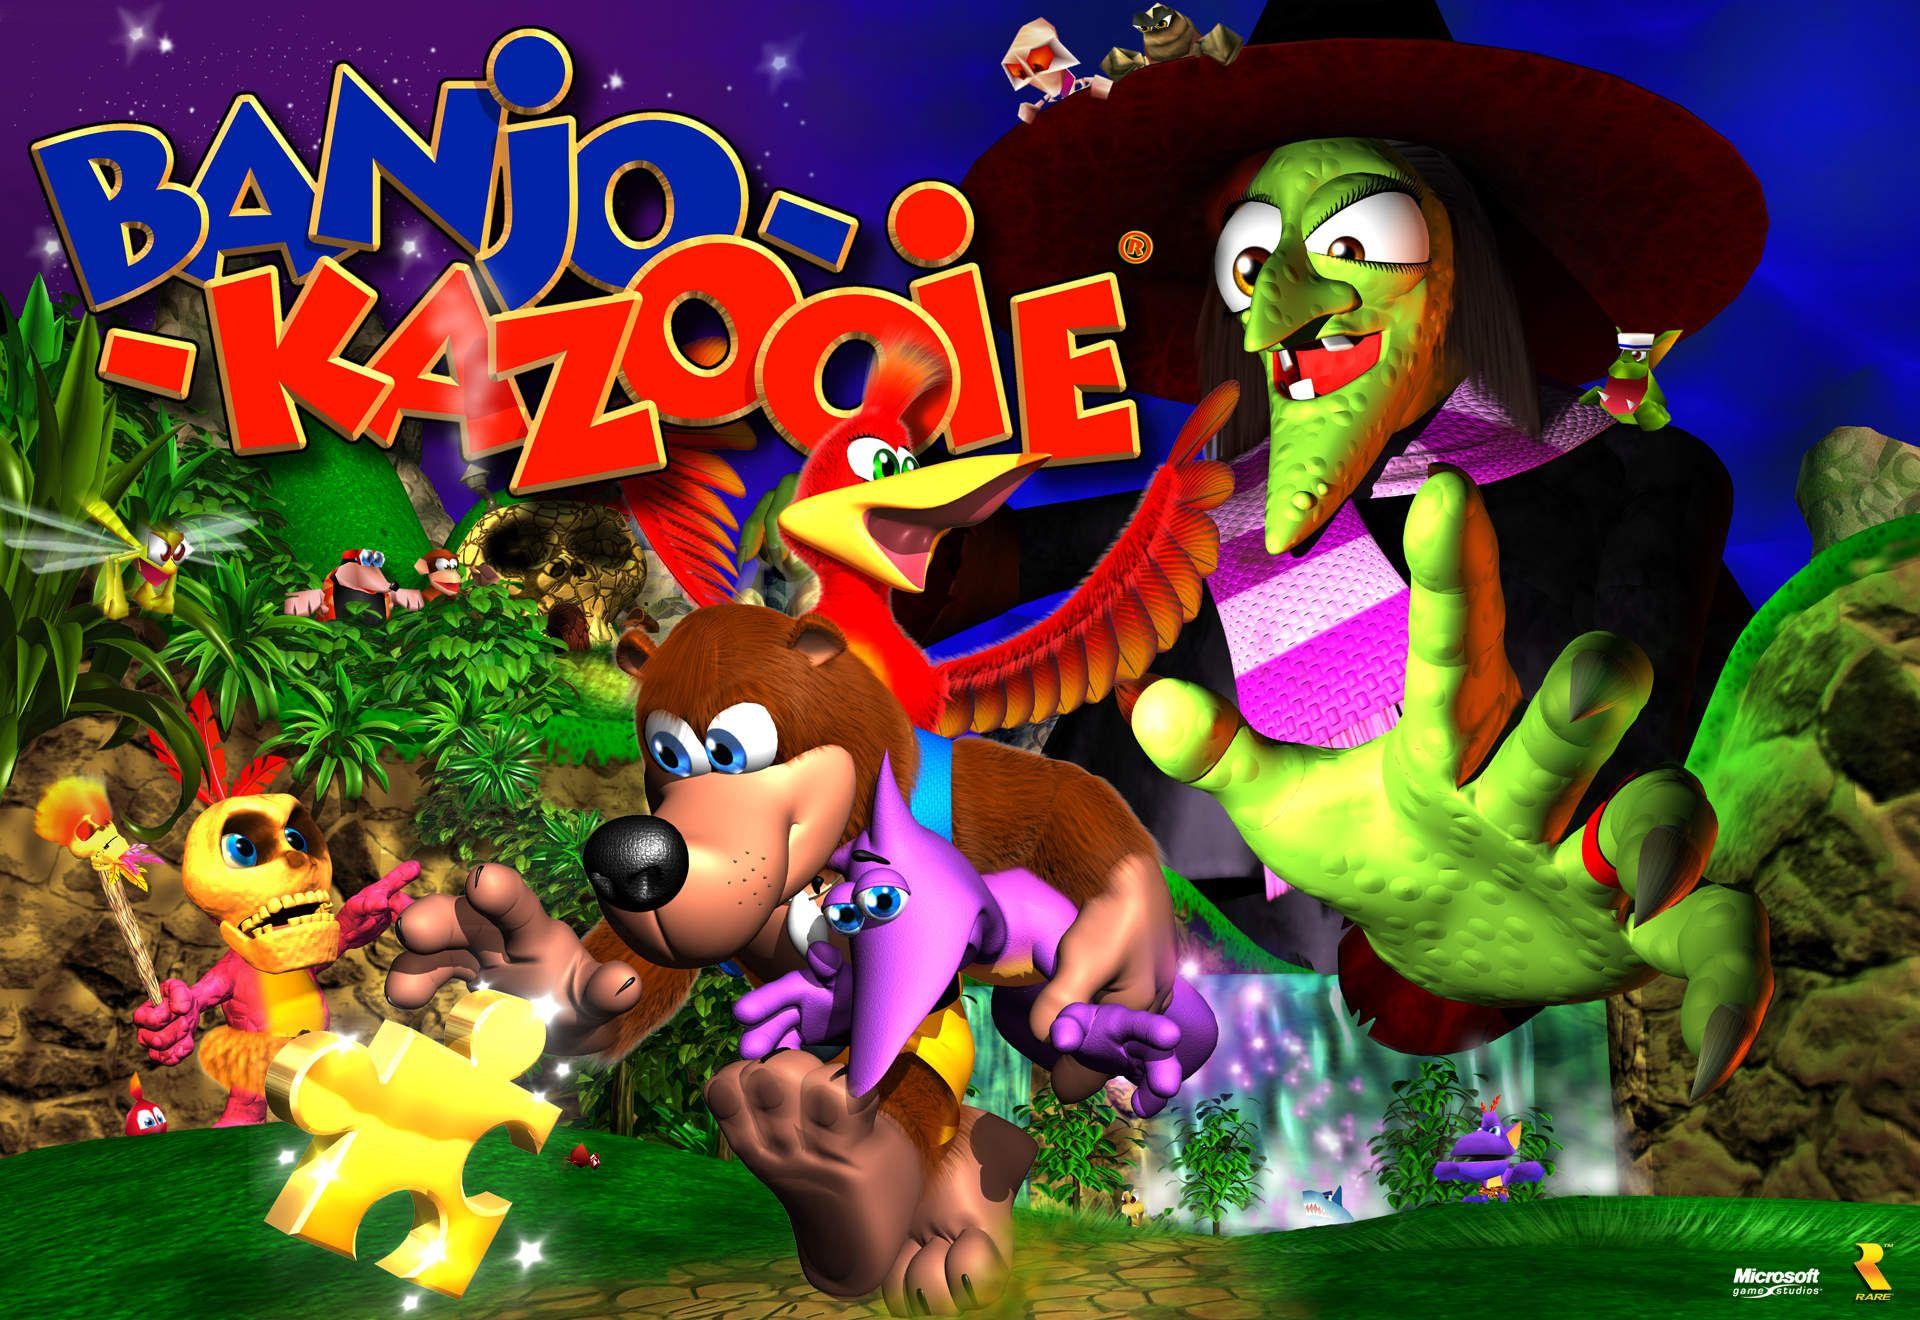 banjo kazooie boxart